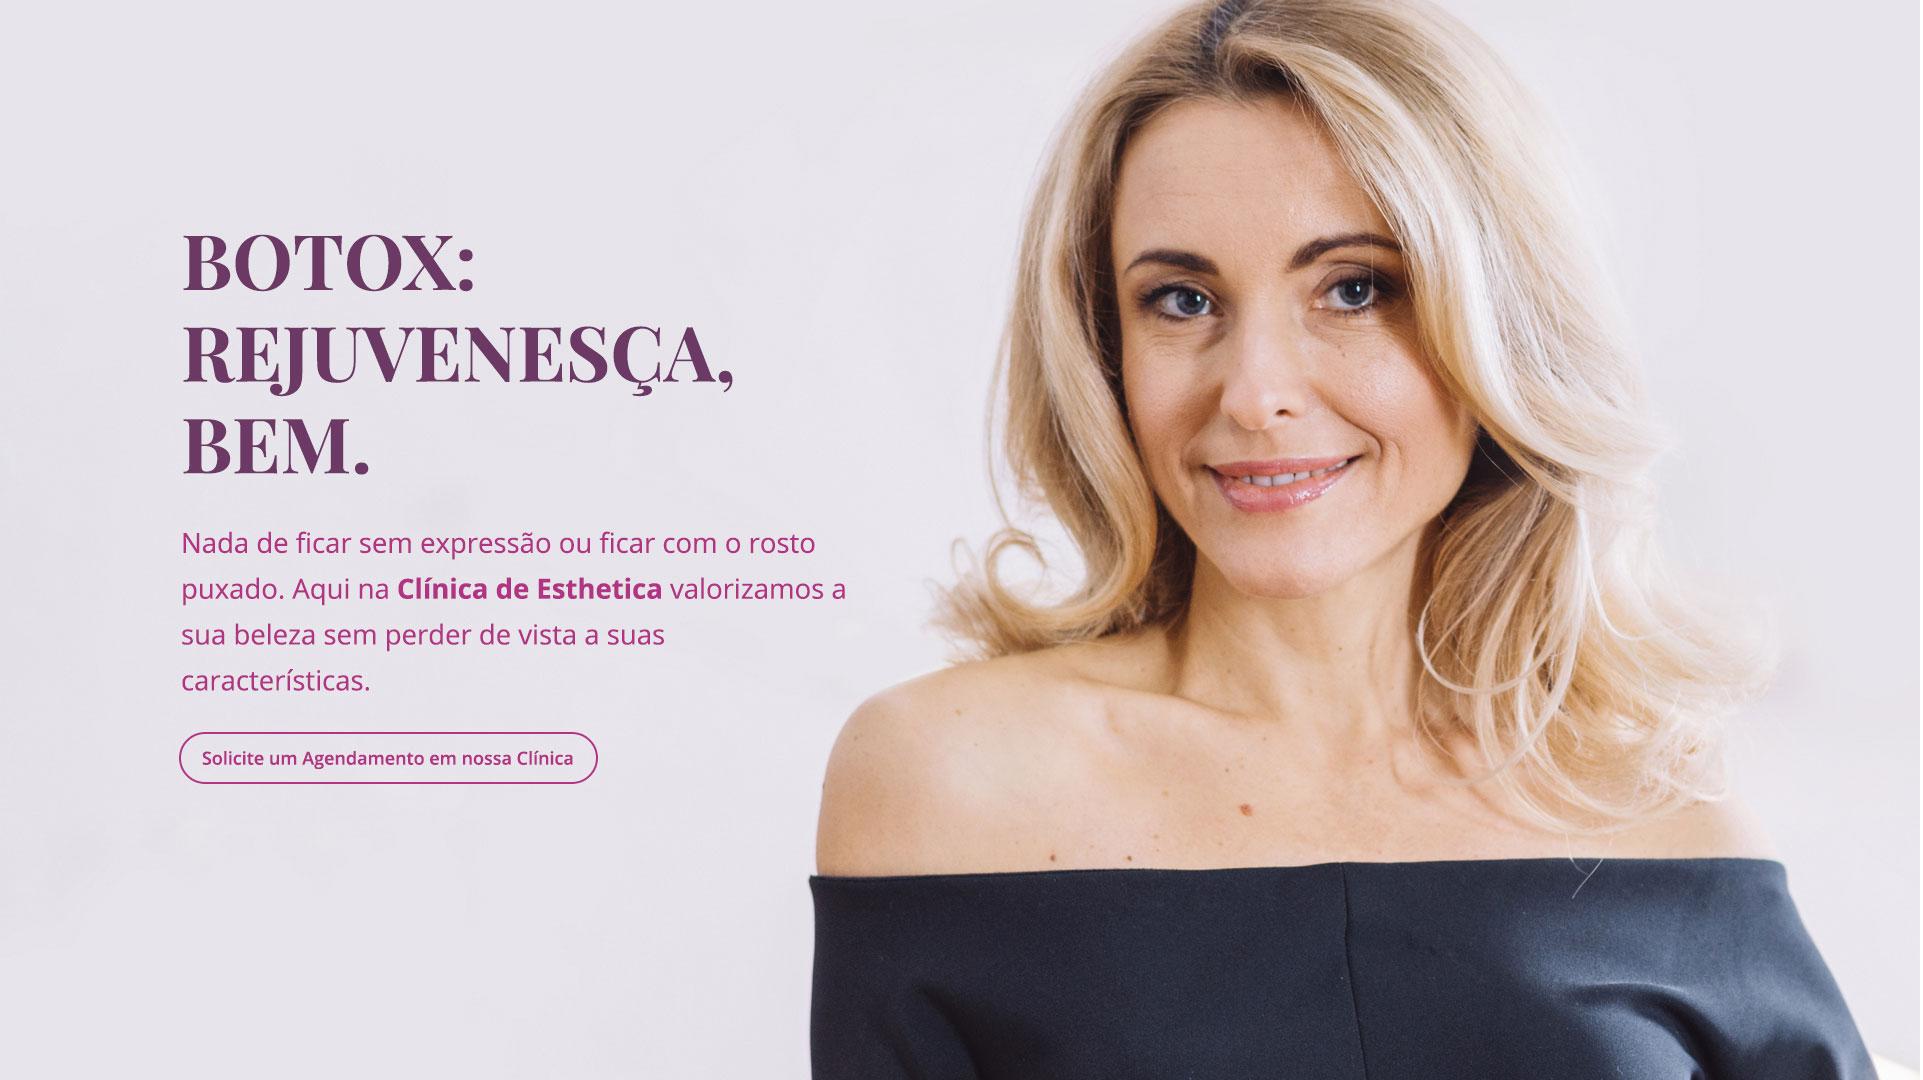 Clinica de Esthetica - Tratamentos que valorizam sua beleza